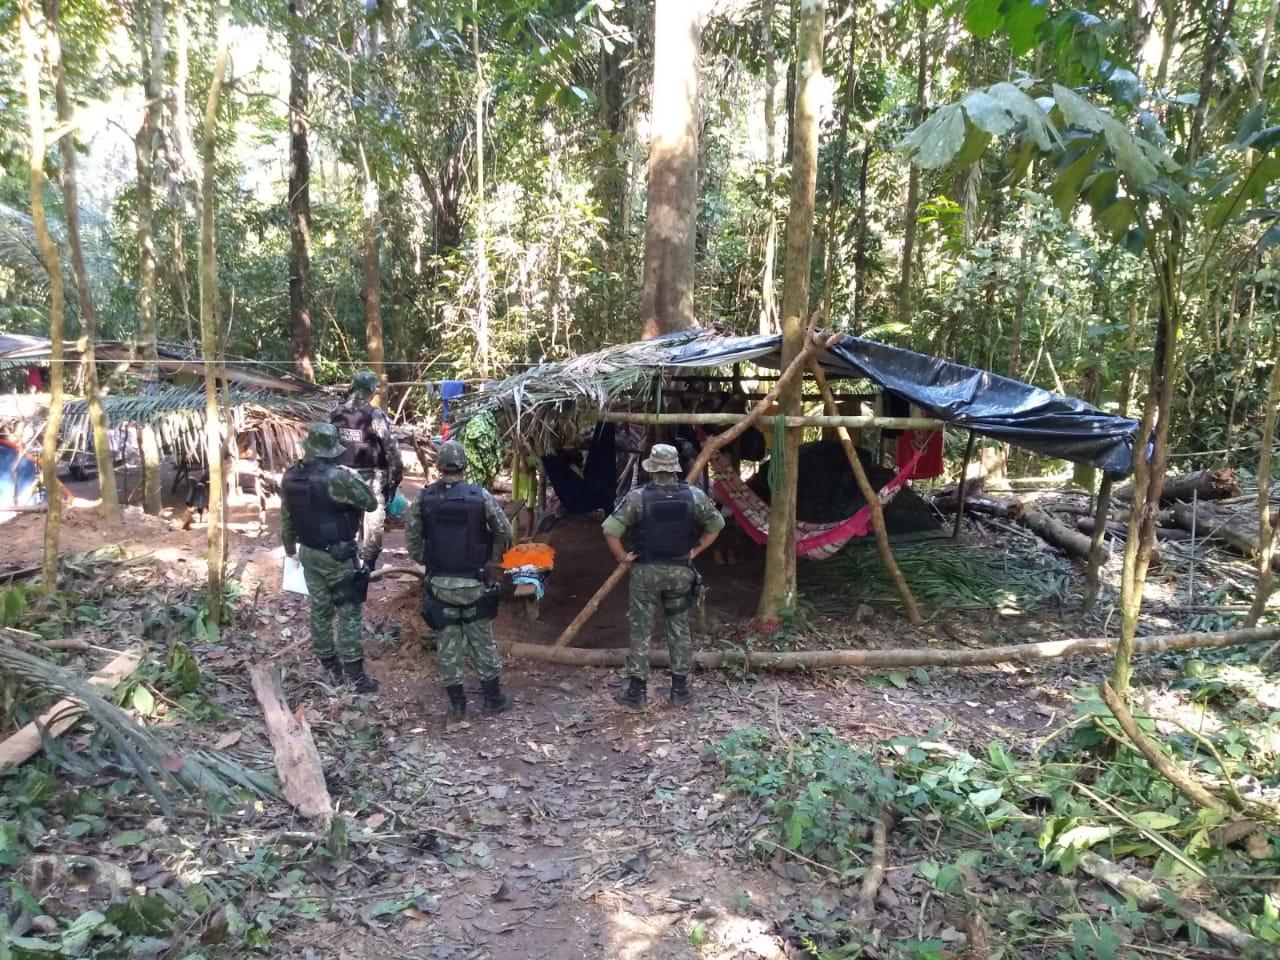 Operação contra crimes ambientais realiza prisões em reserva comunitária do Incra